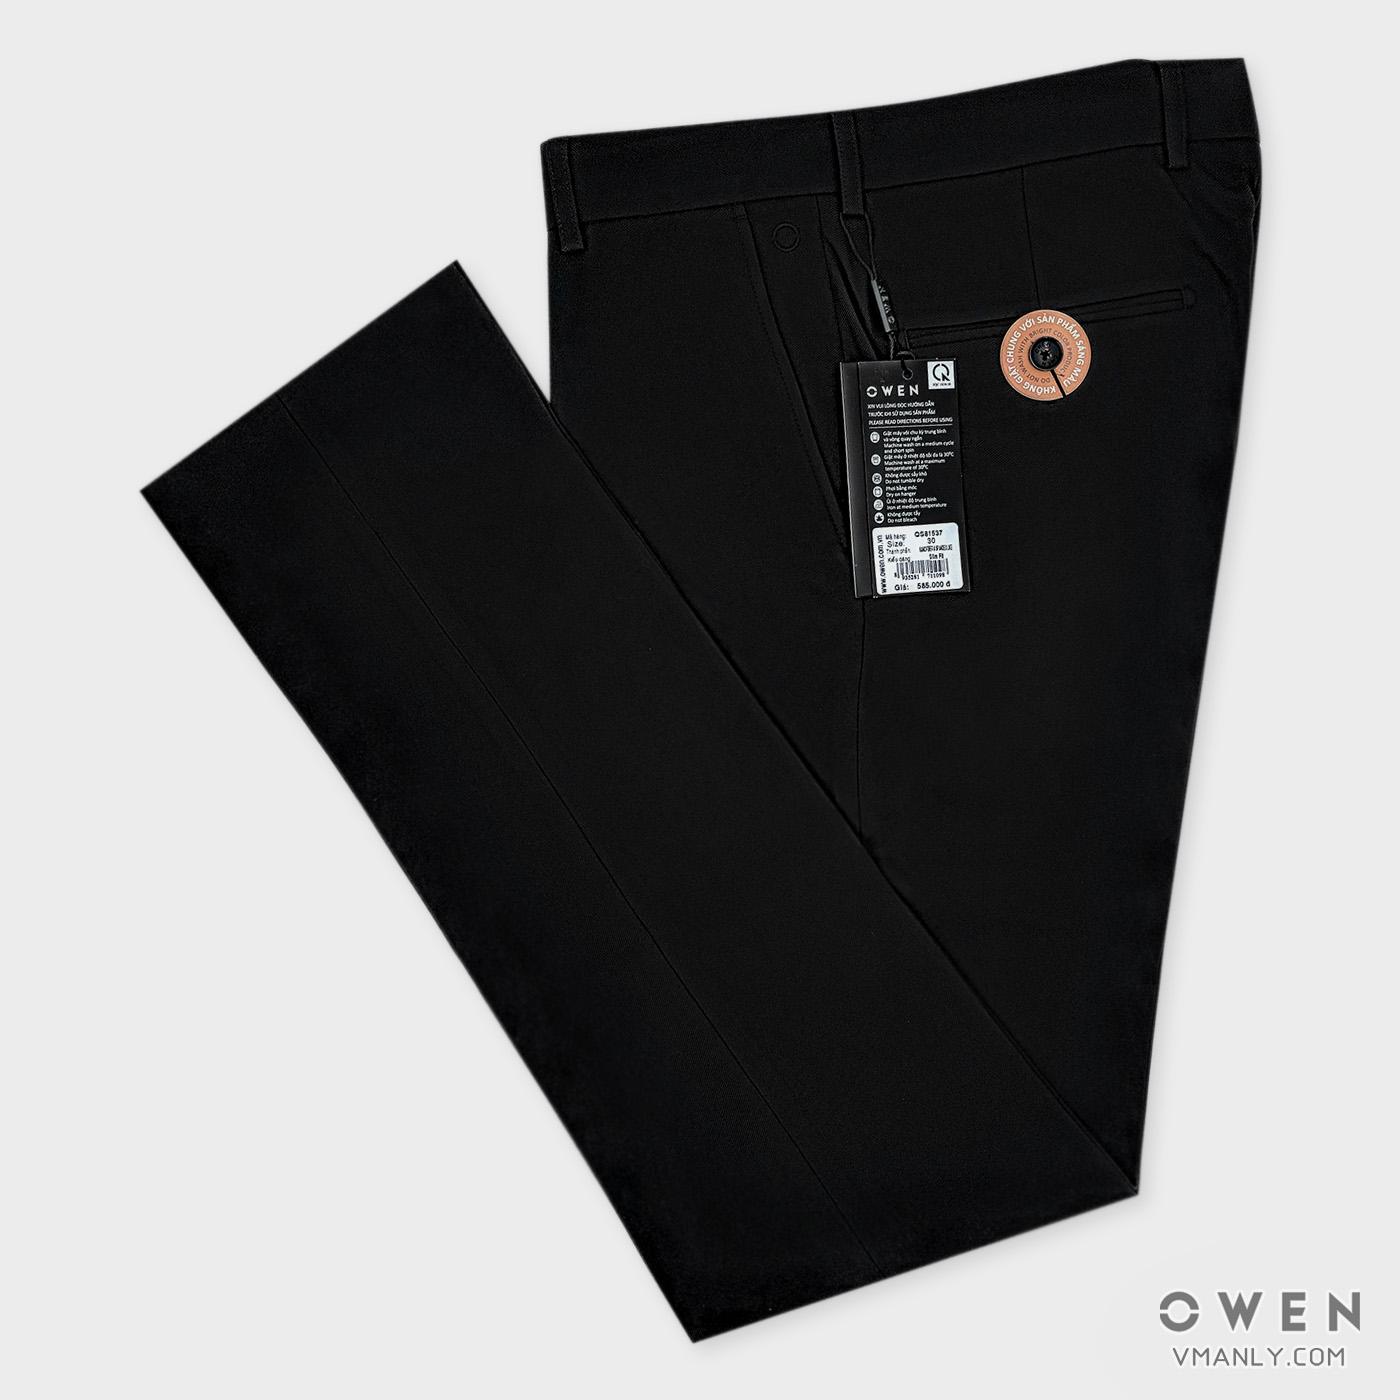 Quần tây Owen không li slimfit màu đen QS81537